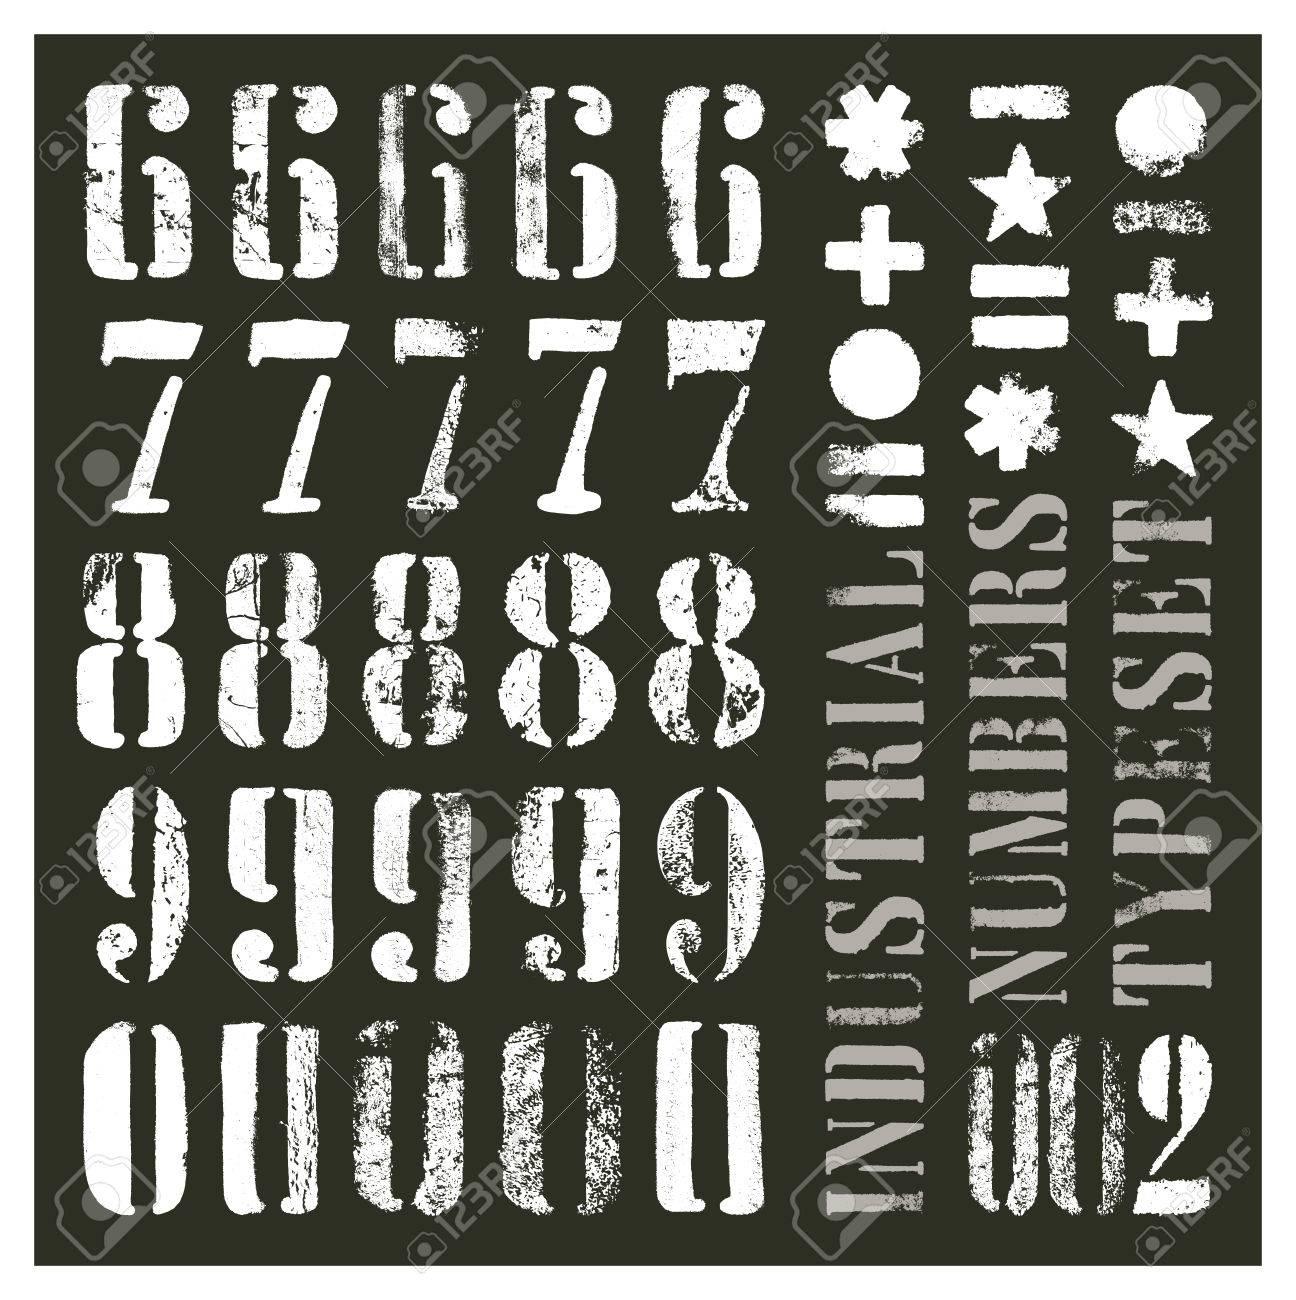 Numeros De Grunge De Pochoir Industriel Au Moins Cinq Alternatives Par Glyphe Clip Art Libres De Droits Vecteurs Et Illustration Image 66133388